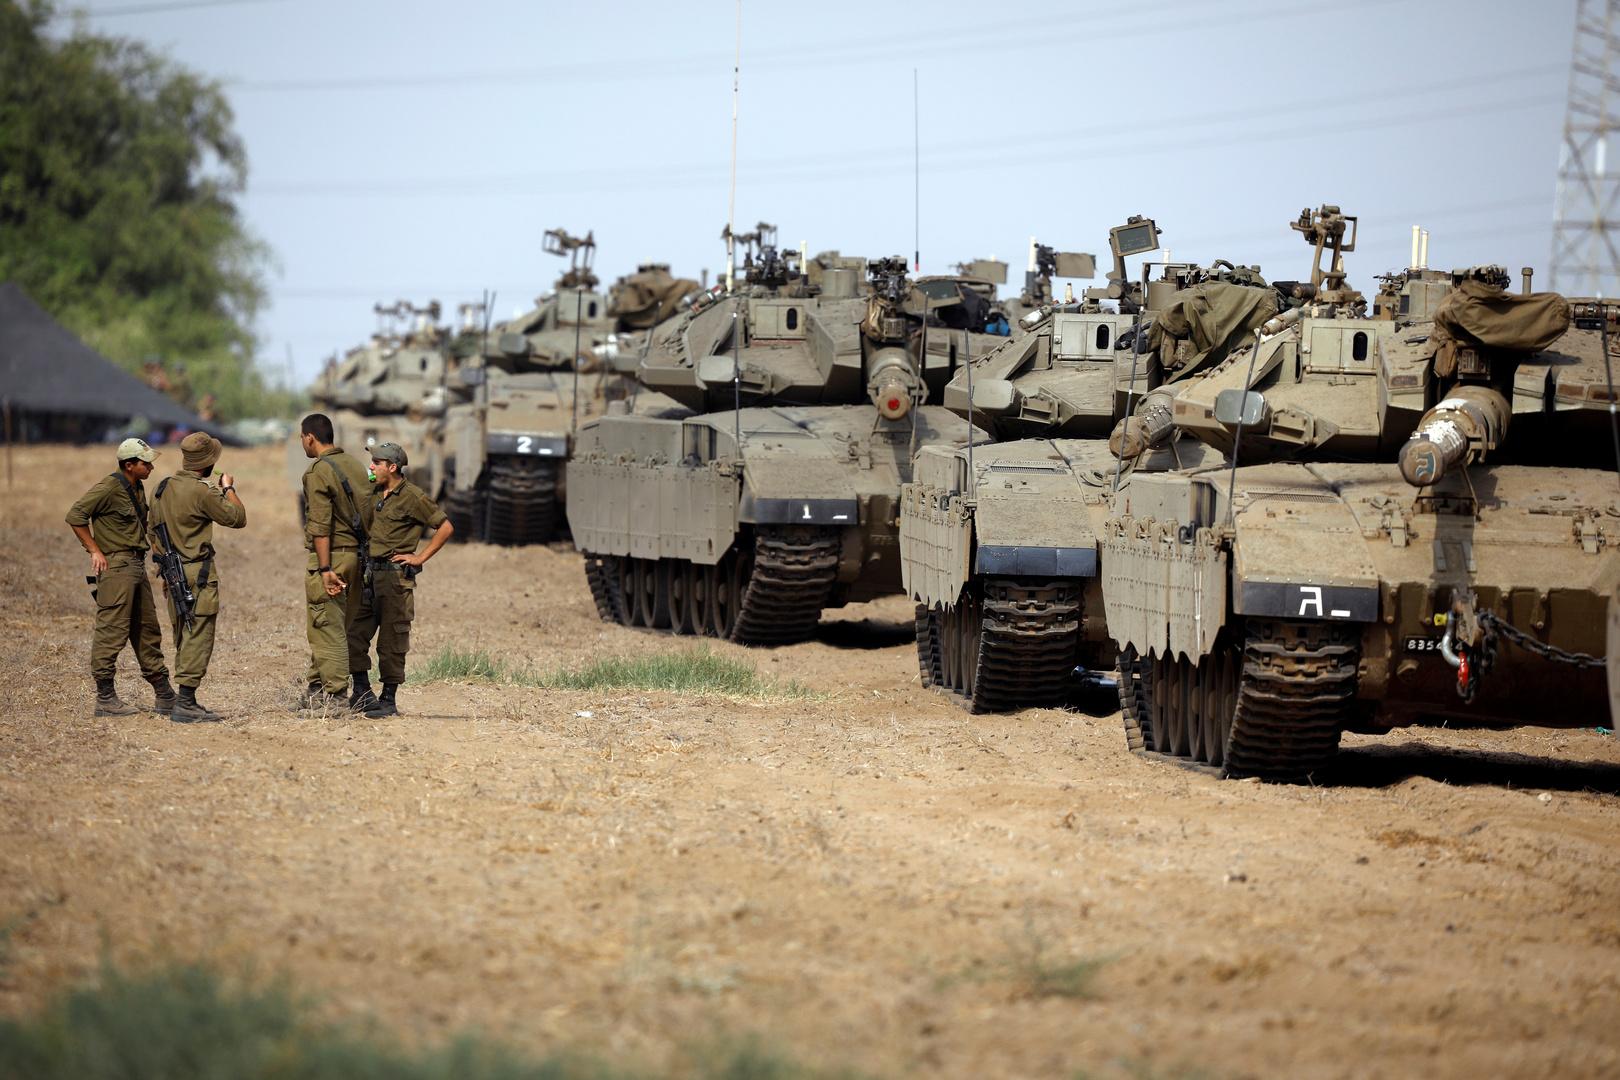 وزير إسرائيلي: سنضطر عاجلا أو آجلا للتدخل عسكريا في قطاع غزة